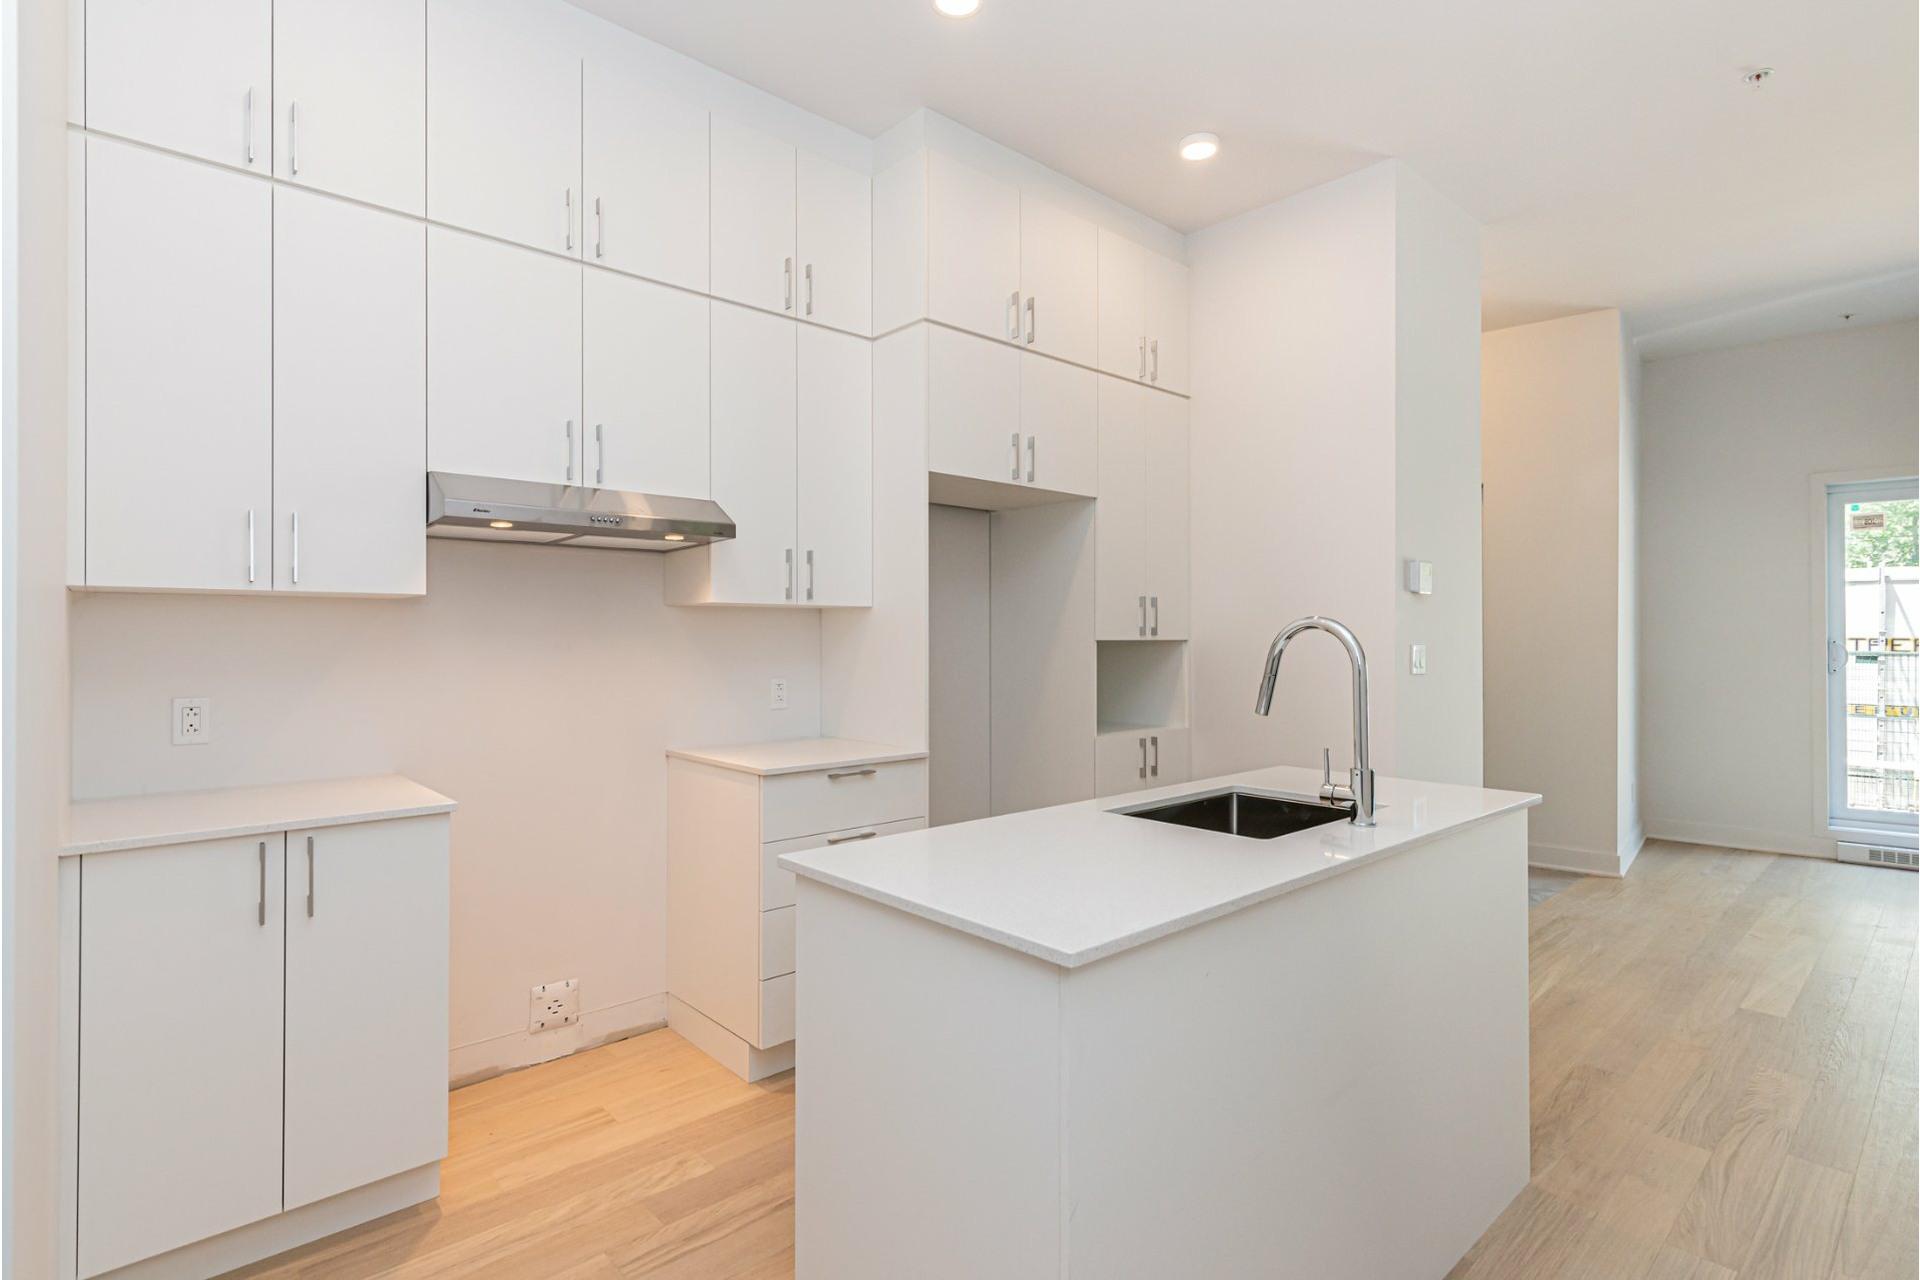 image 21 - Apartment For sale Rosemont/La Petite-Patrie Montréal  - 5 rooms